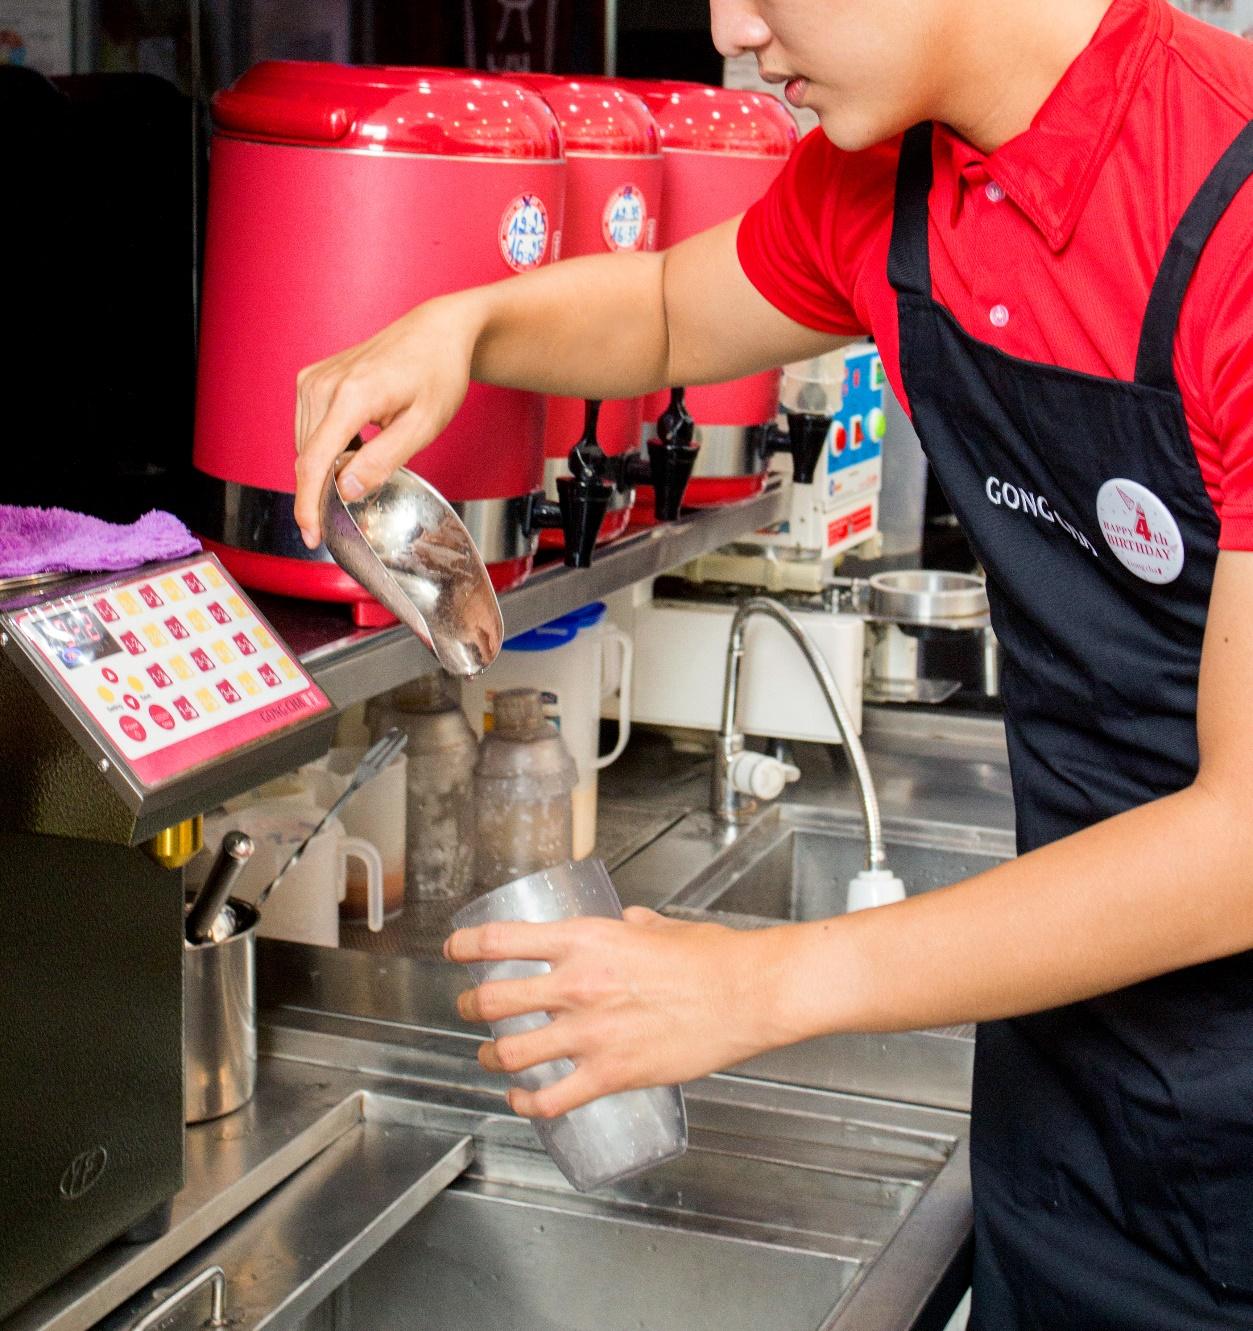 Khám phá những thay đổi thú vị của văn hóa trà sữa Việt trong 4 năm qua - Ảnh 3.